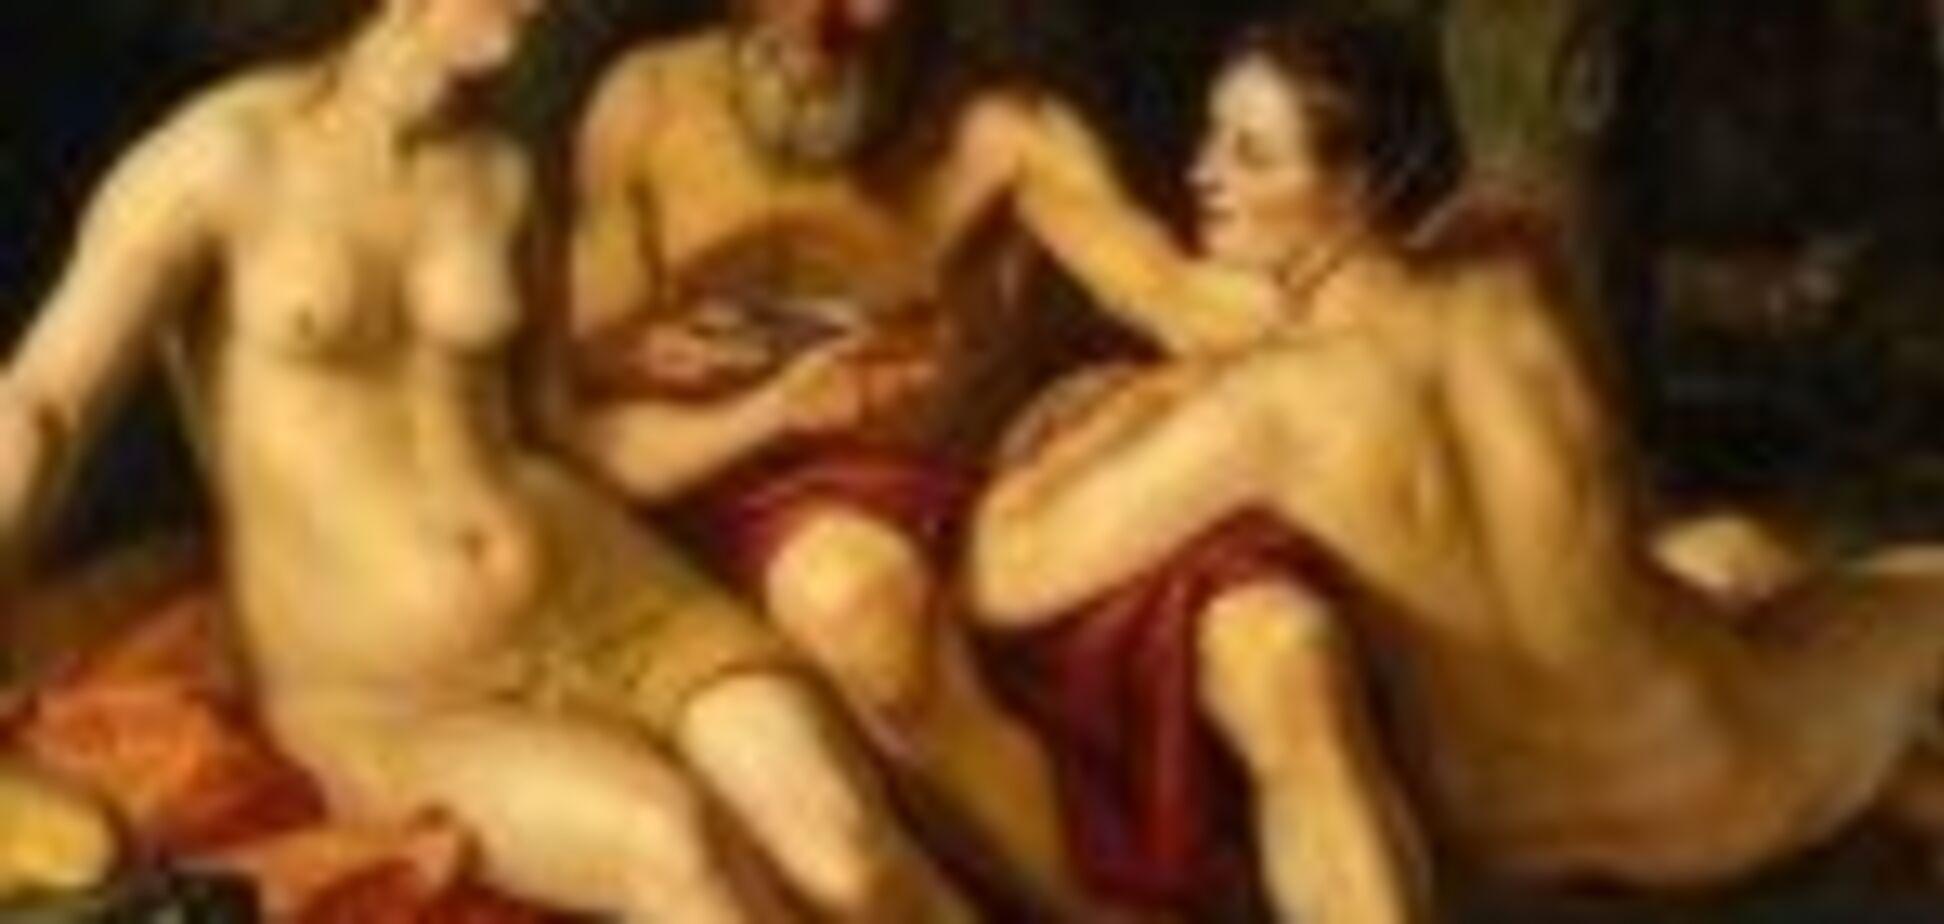 Інцест: сучасний погляд на прокляте предками збочення